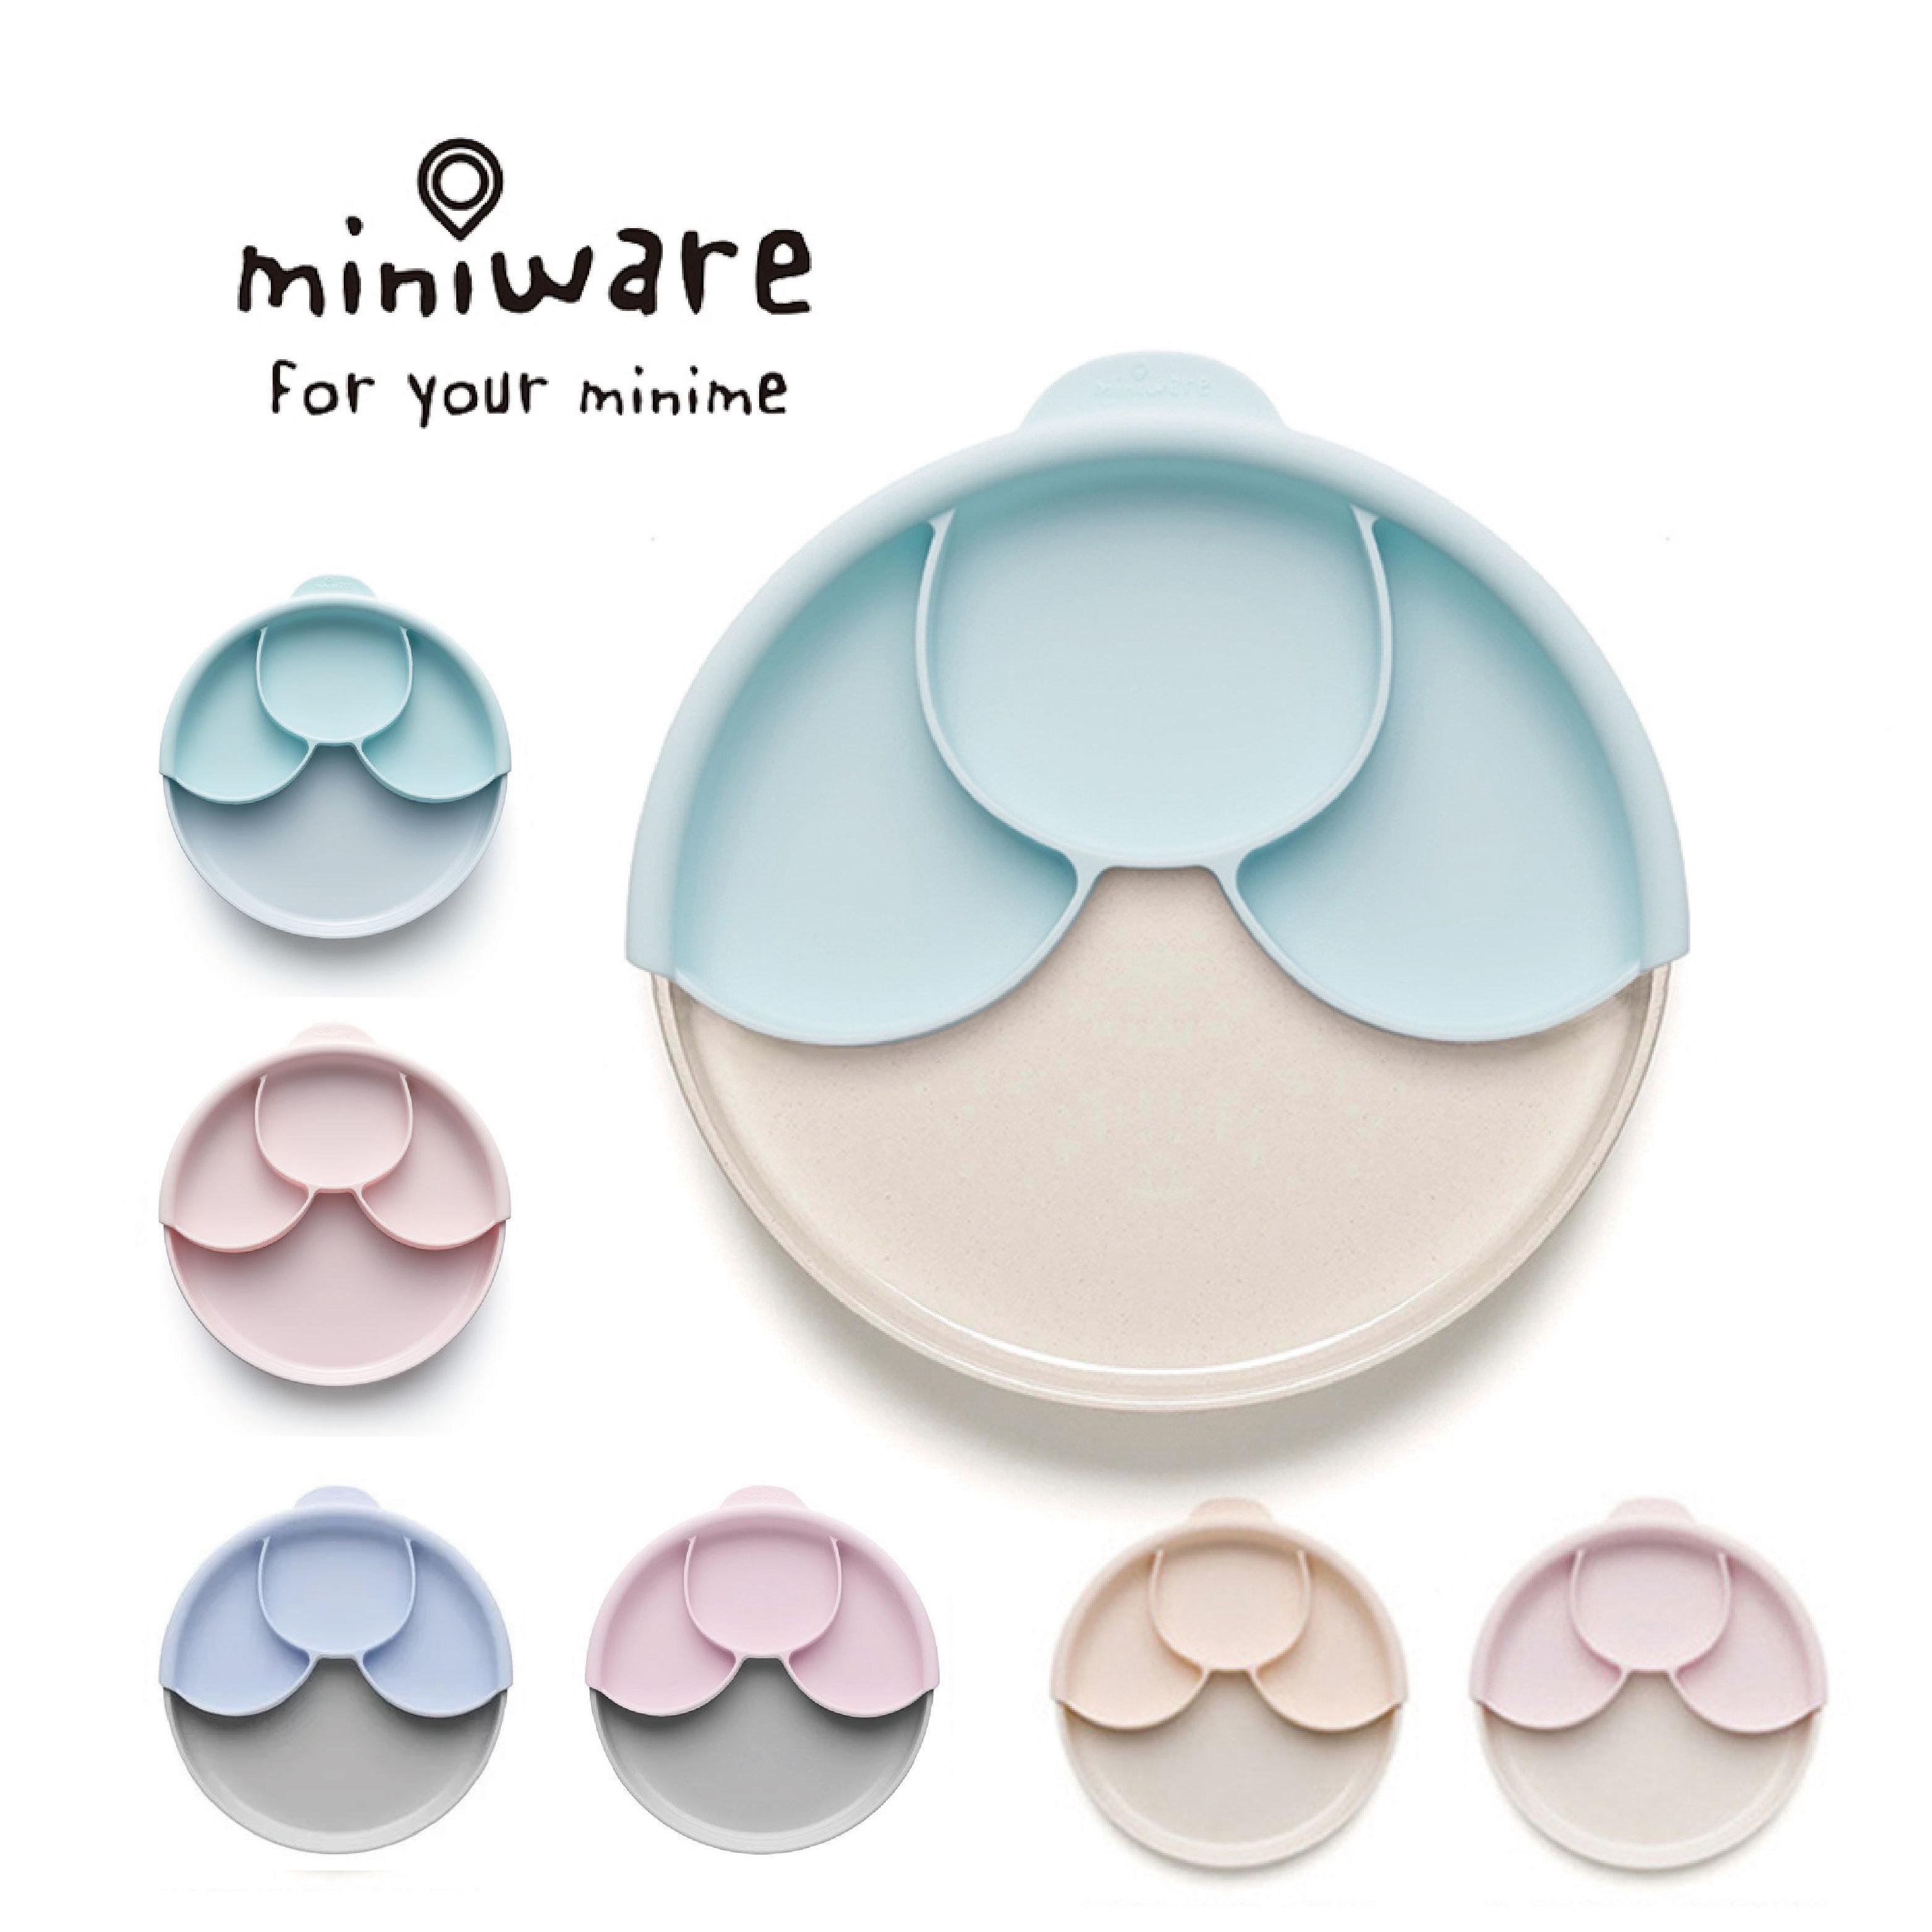 美國 Miniware 天然聚乳酸兒童學習餐具 聰明分隔餐盤組(附吸盤)(8款可選)